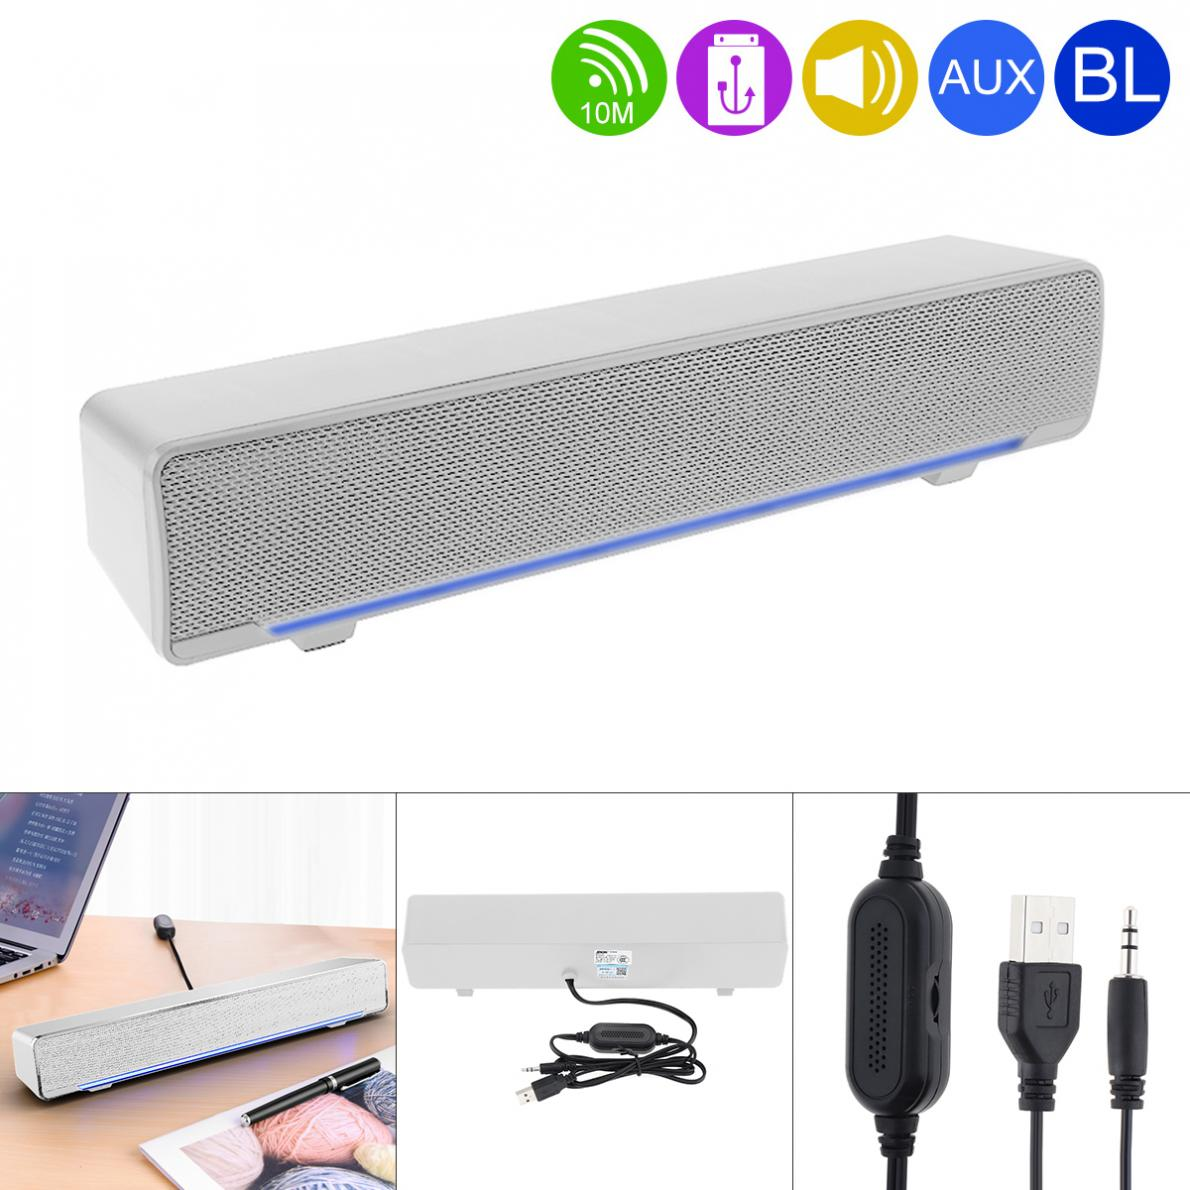 SADA V-196 Bluetooth полосная Колонка Беспроводная настольная мультимедийная звуковая панель с двойным динамиком DSP и смешивающим звуком